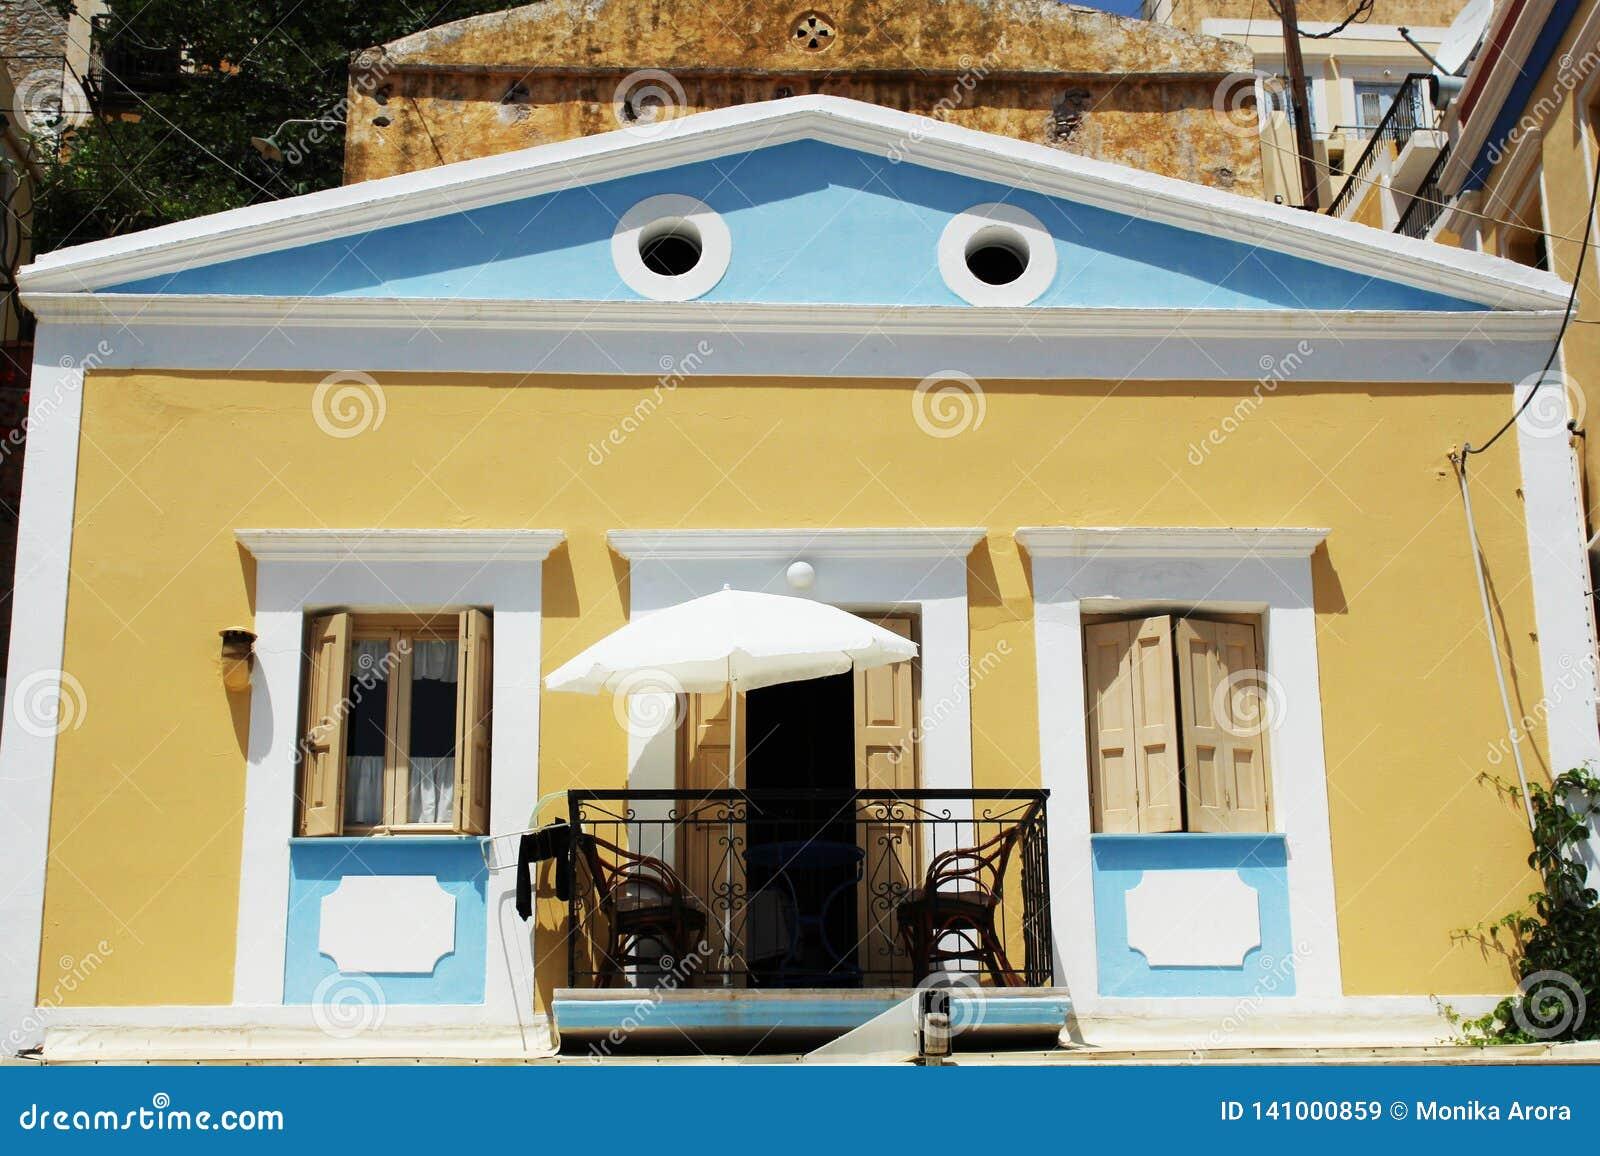 Fermez-vous sur le détail architectural dans la ville célèbre pour les maisons colorées